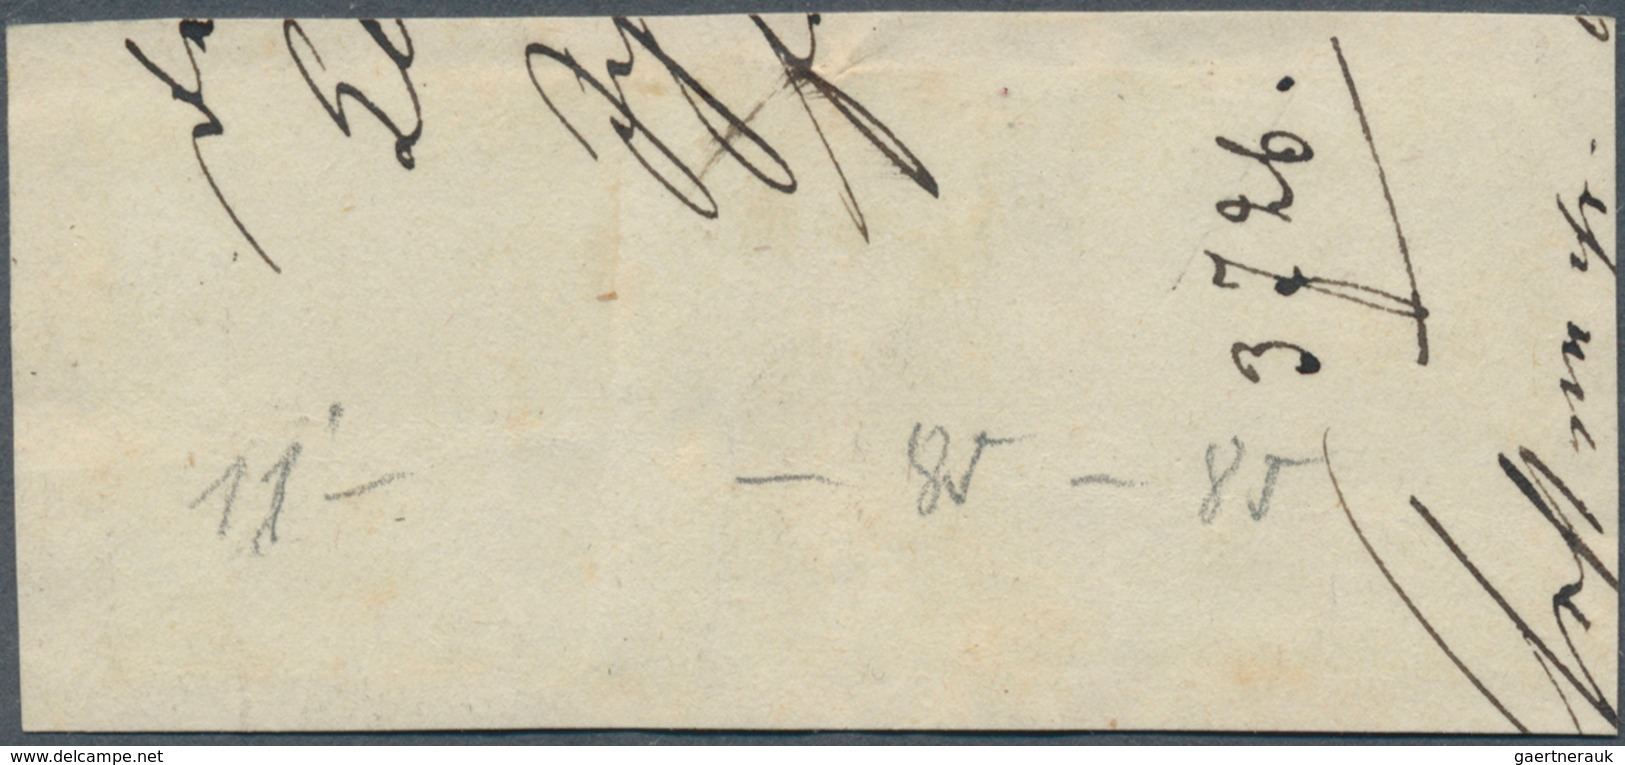 Baden - Marken Und Briefe: 1851/53, Ziffernausgabe 6 Kr. Schwarz Auf Grün Und Zweimal 1853, 3 Kr. Sc - Baden